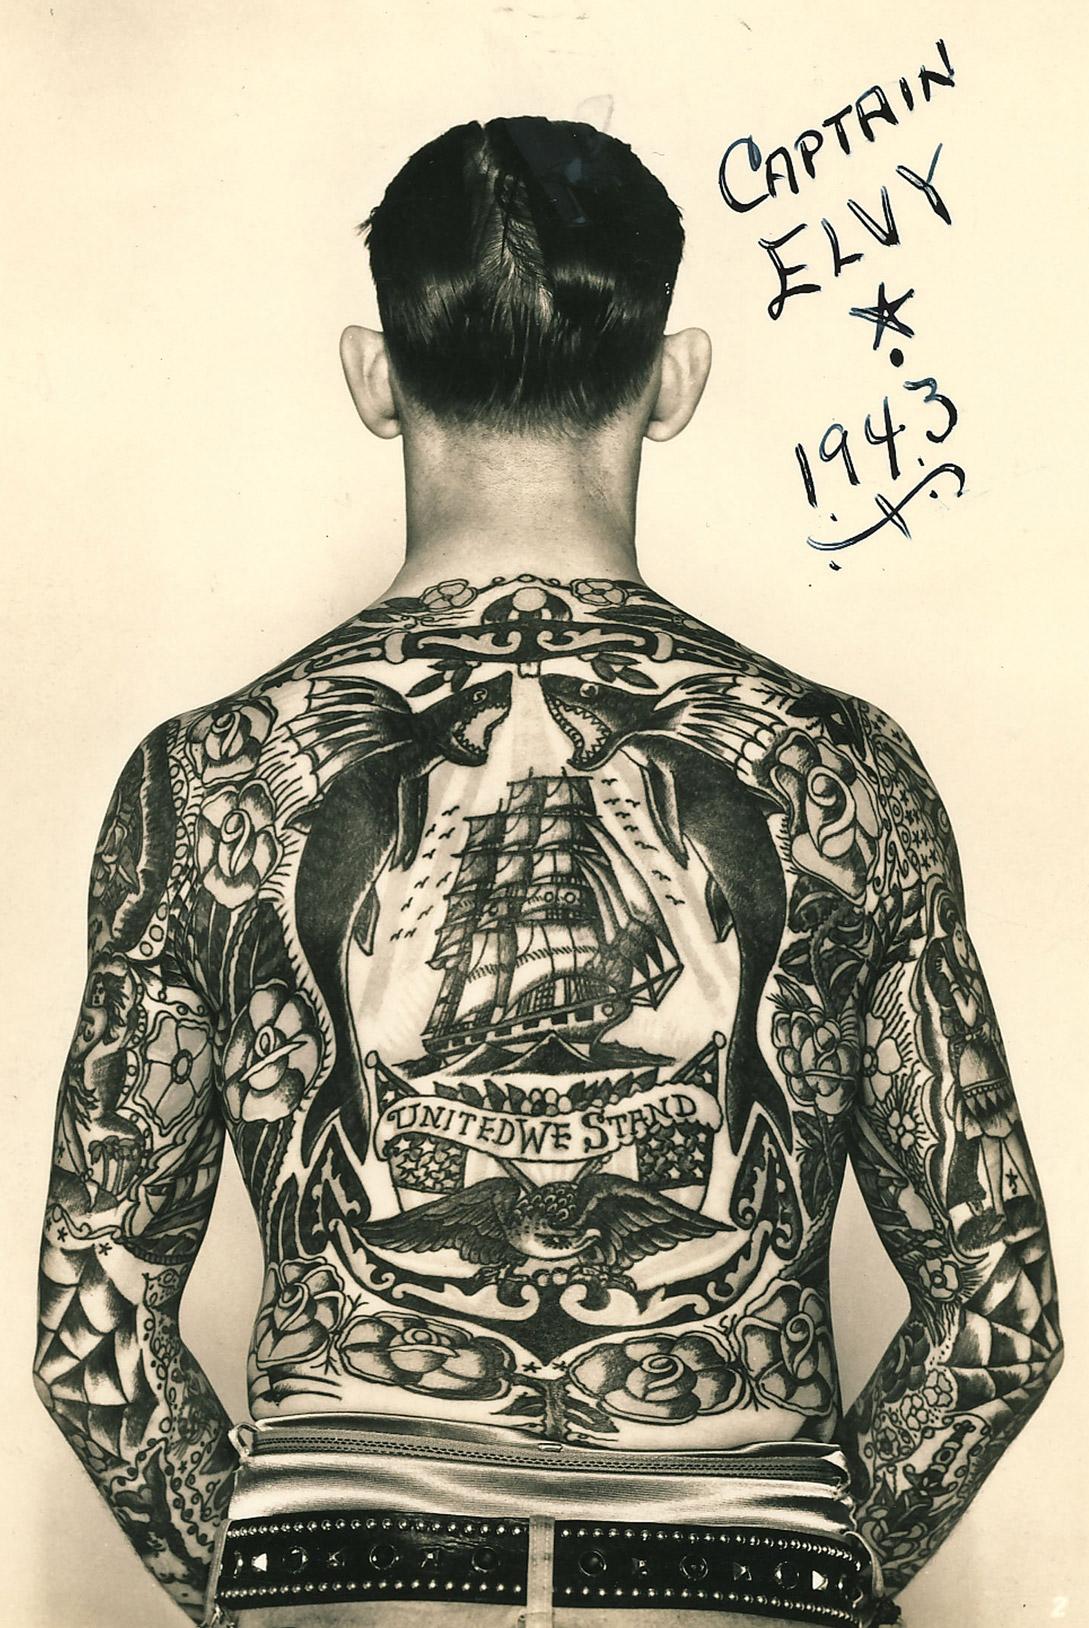 [刺青] 航海夢中飄泊的紅黑色浪漫:美式傳統刺青 — CMMN SNSS